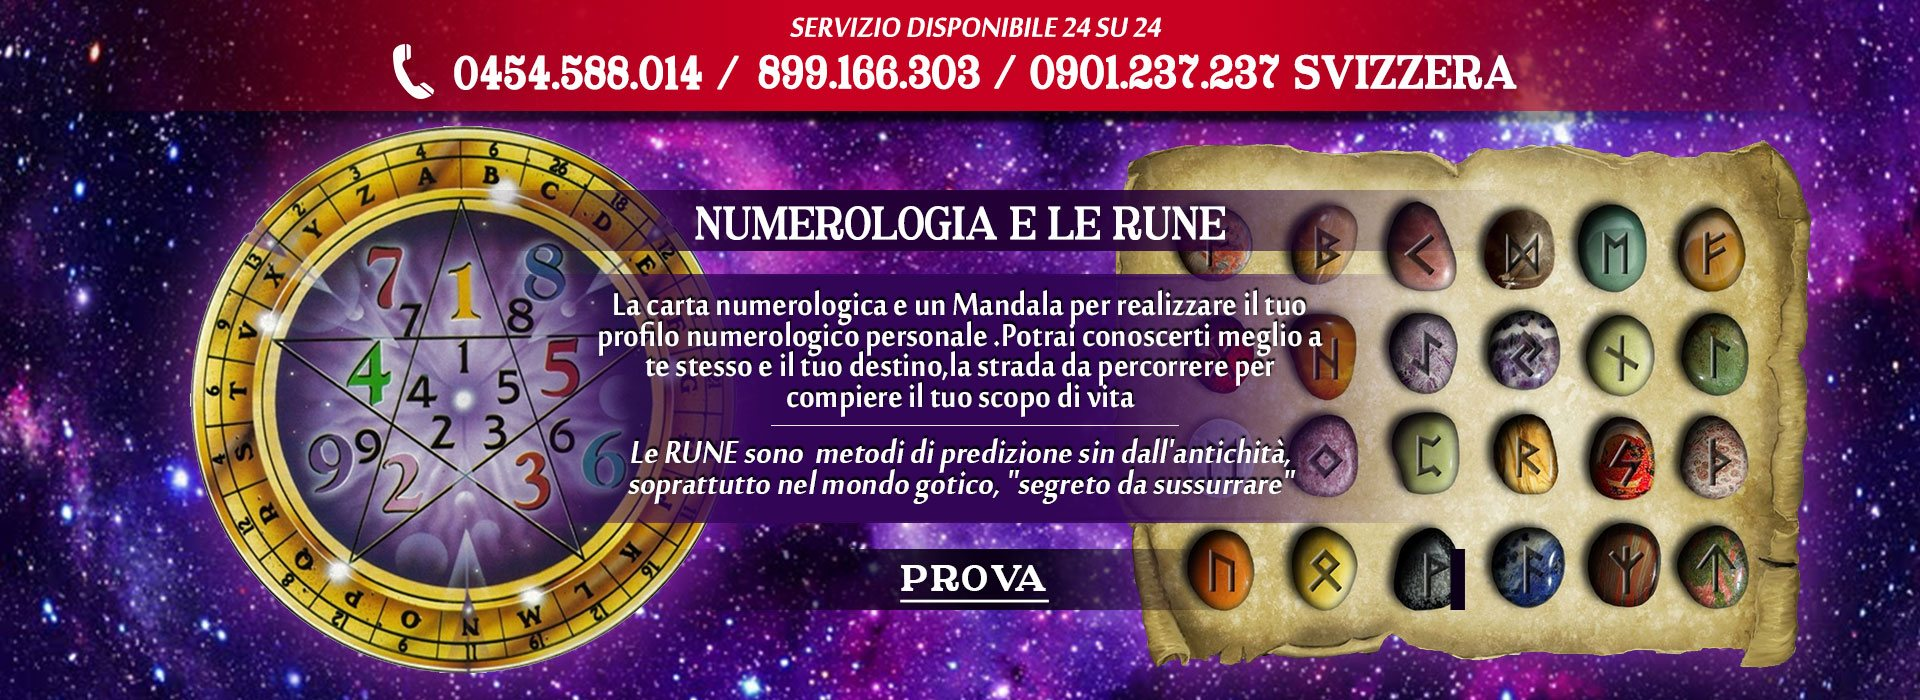 NUMEROLOGIA-E-LE-RUNE2